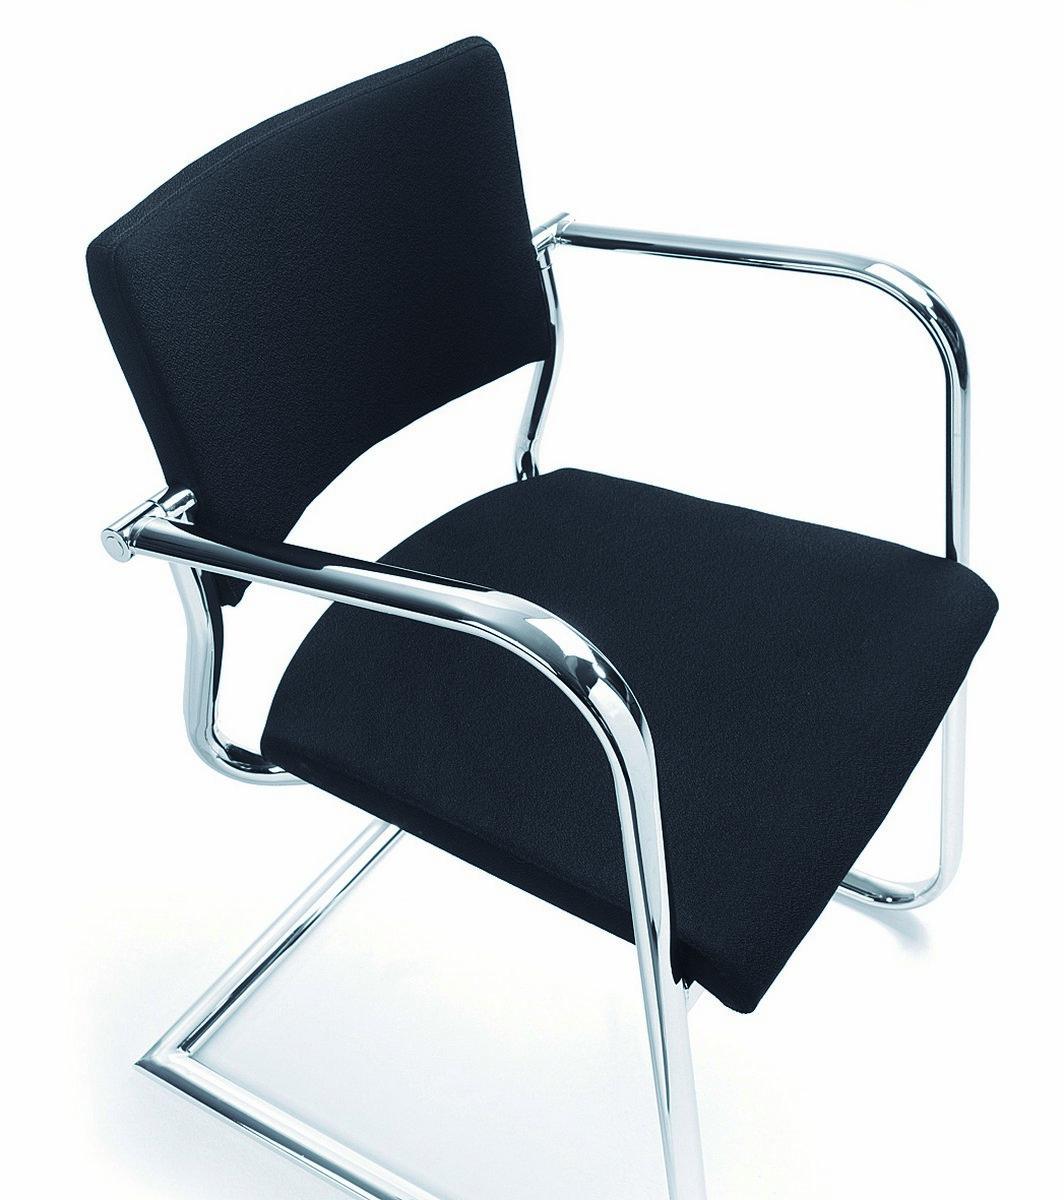 Czarne krzesła konferencyjne KALA, czarne fotele konferencyjne KALA